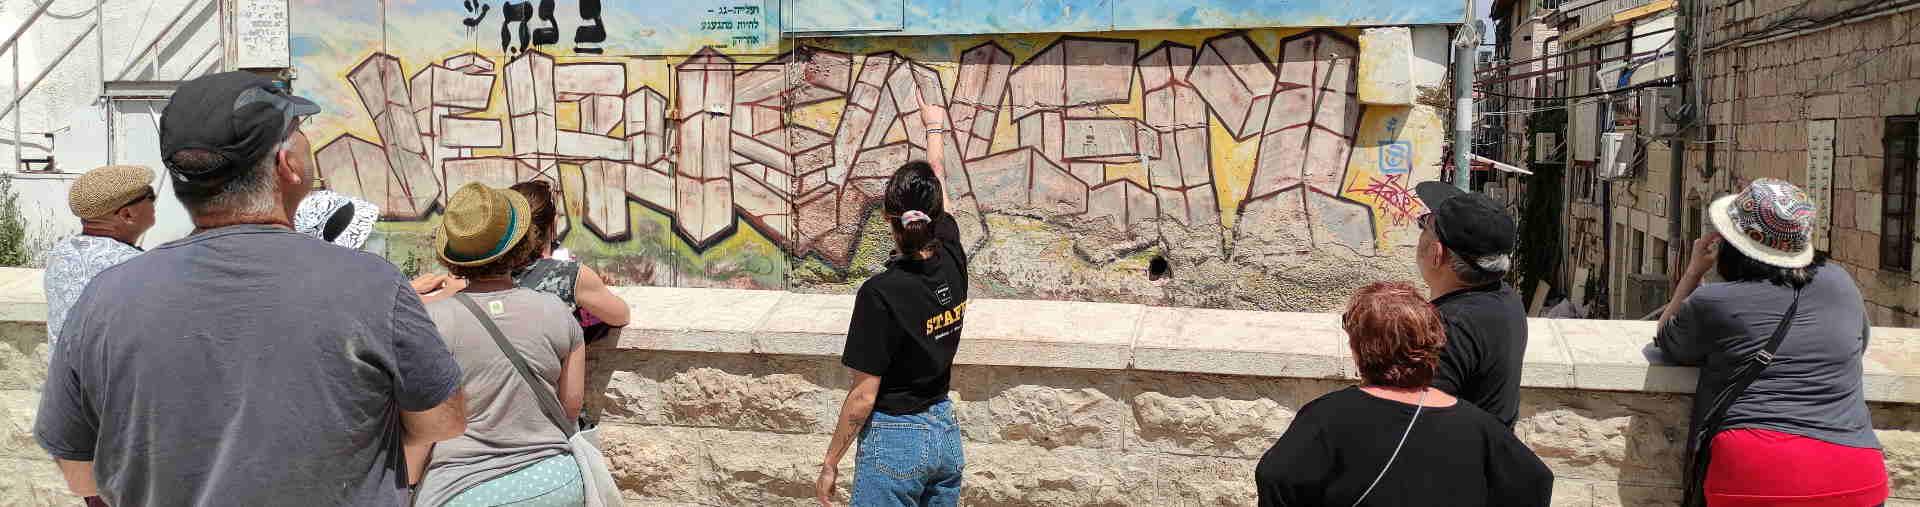 מדריכה משפחות בסיור גרפיטי בירושלים